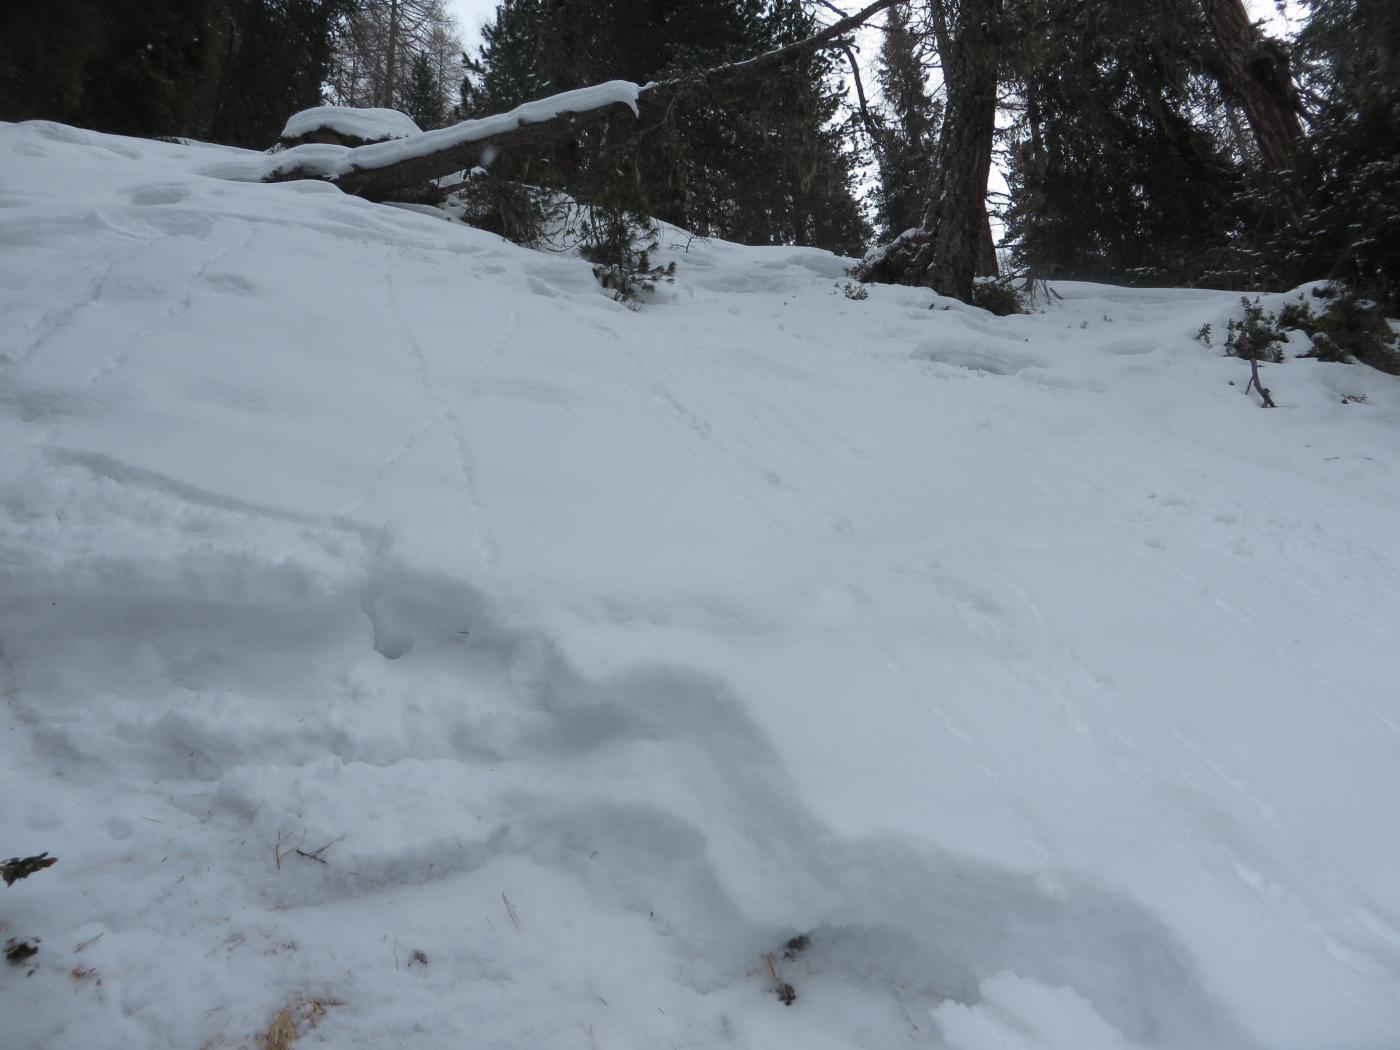 neve tipo sale nel bosco.